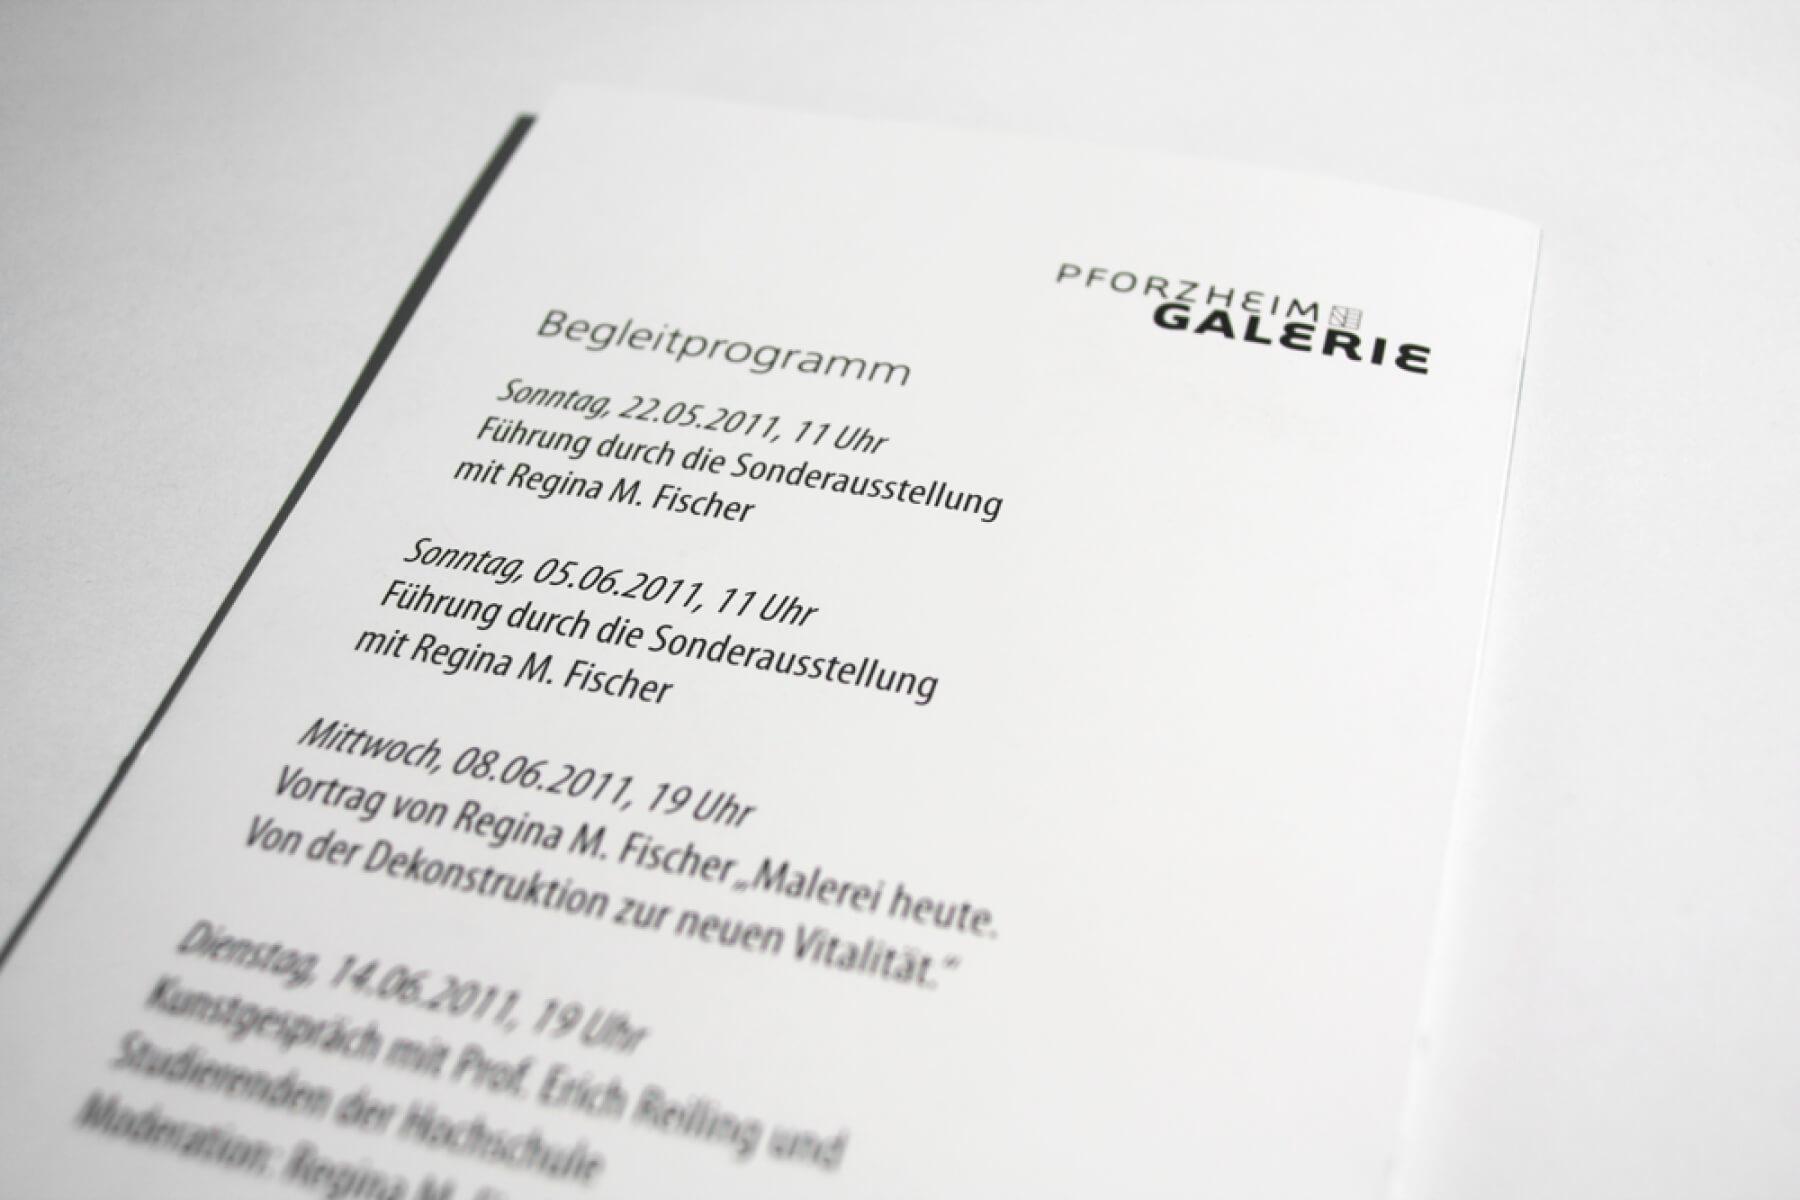 grafikdesign-janis-weidner-lindau-bodensee-flyer-13ot-03